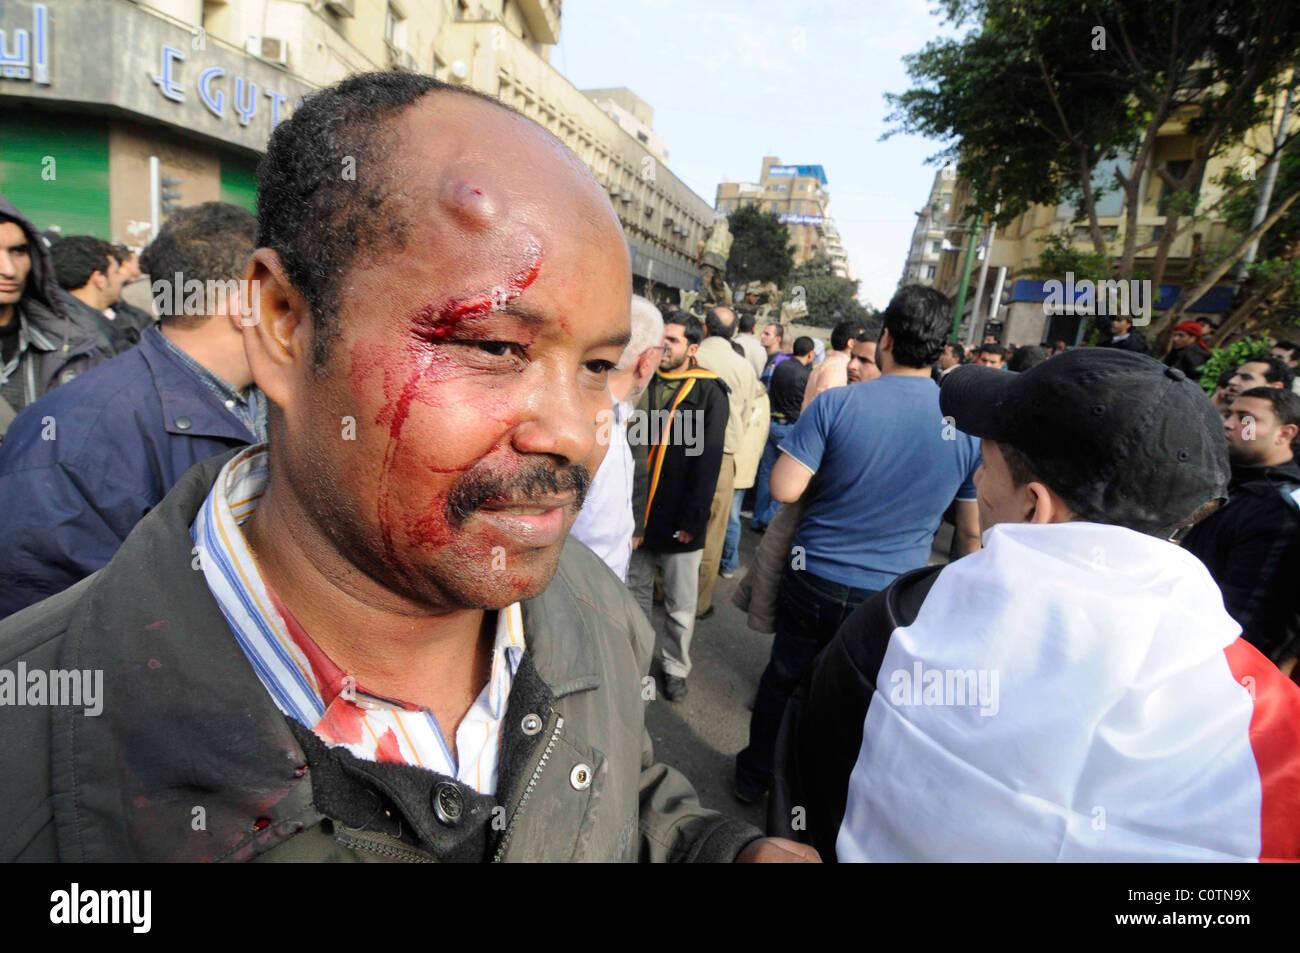 Un anti-Mubarak protester feriti dalla pietra durante scontri di piazza Tahrir il 2 febbraio 2011 a Il Cairo, Egitto Immagini Stock